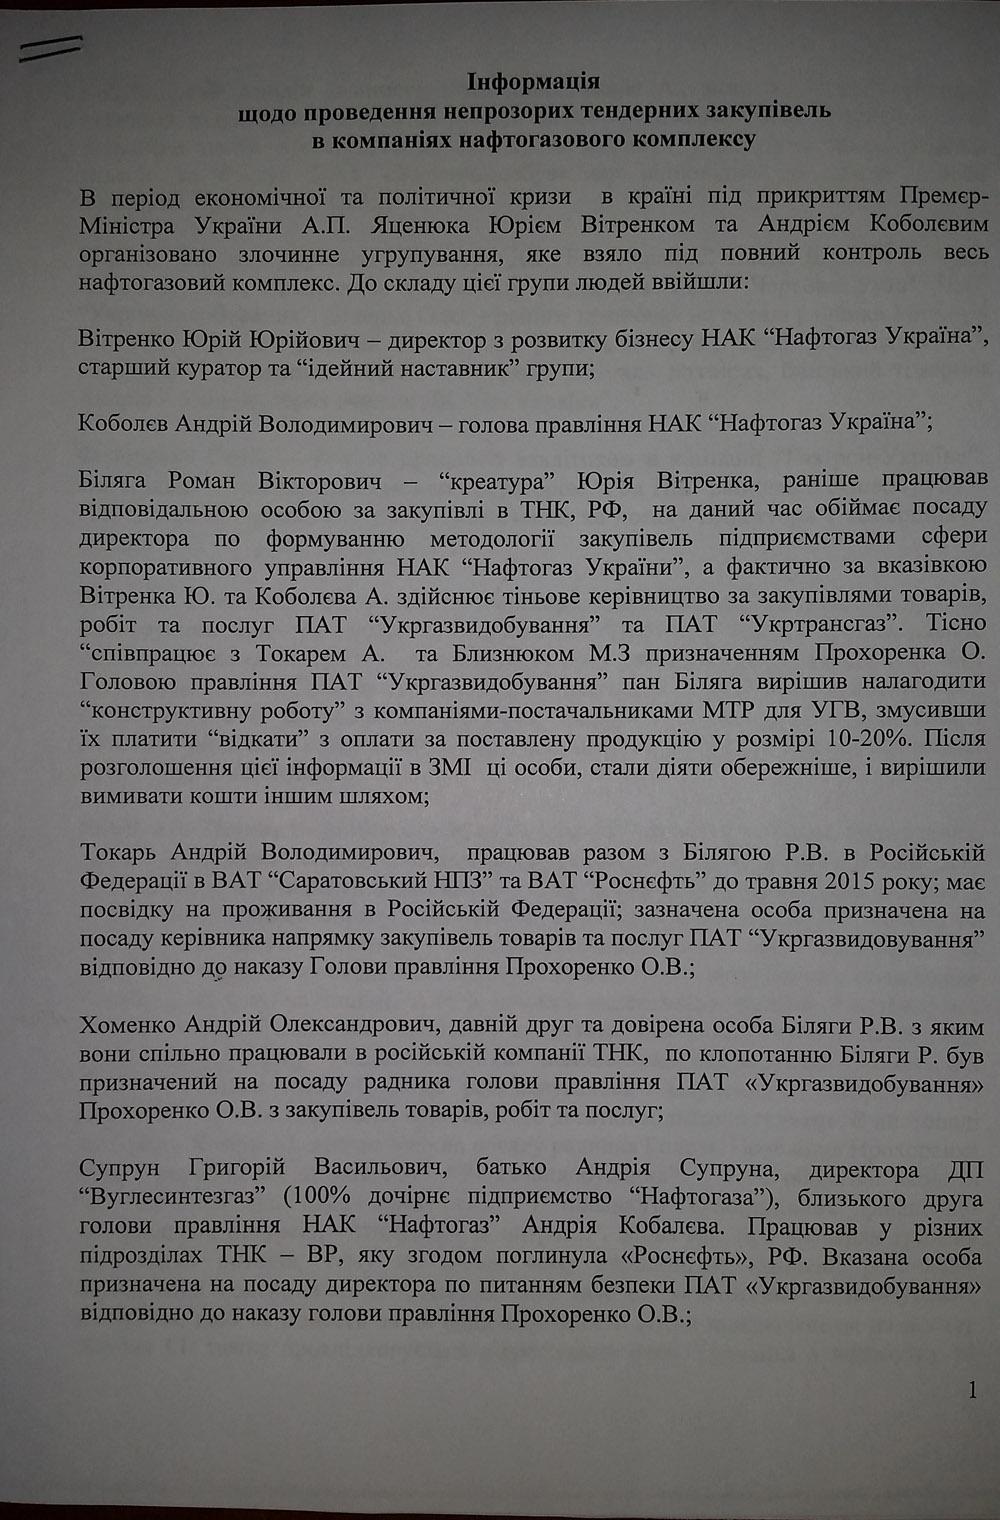 ukr-gaz-dok1-11-07-2016